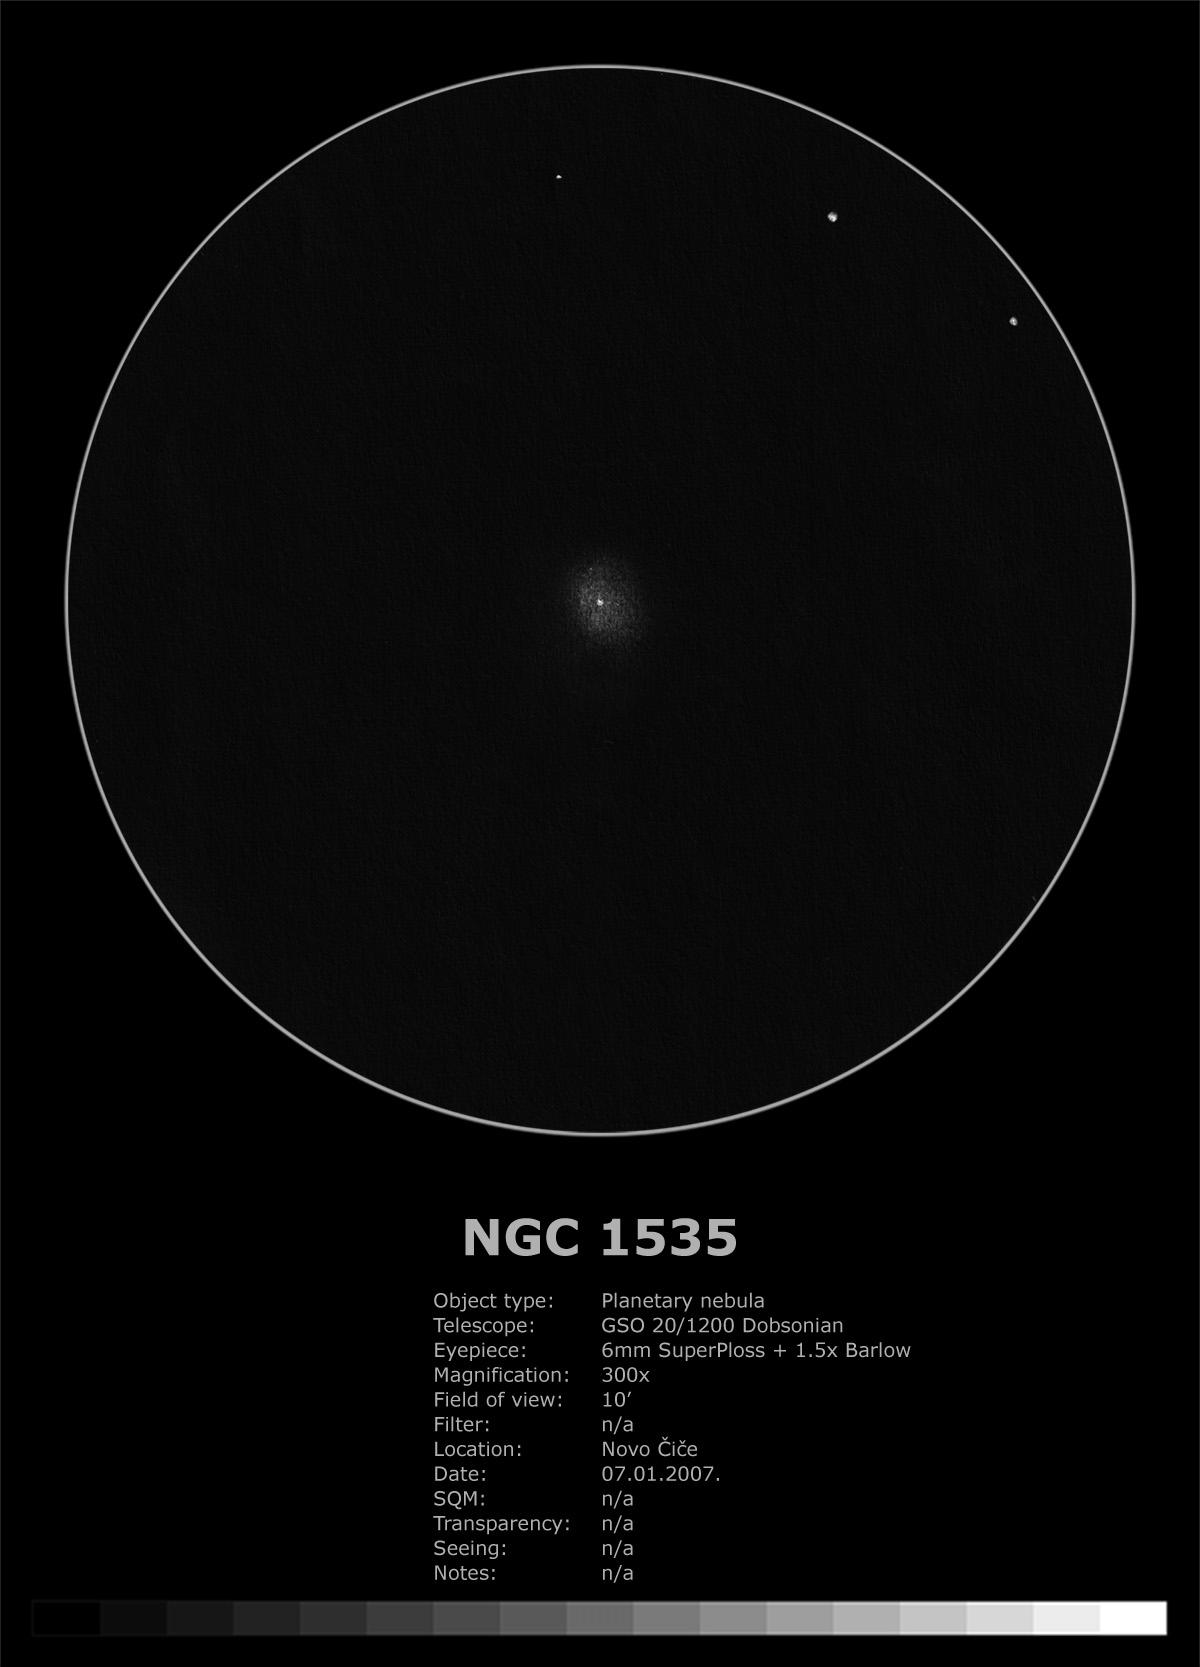 NGC 1535 (2007)